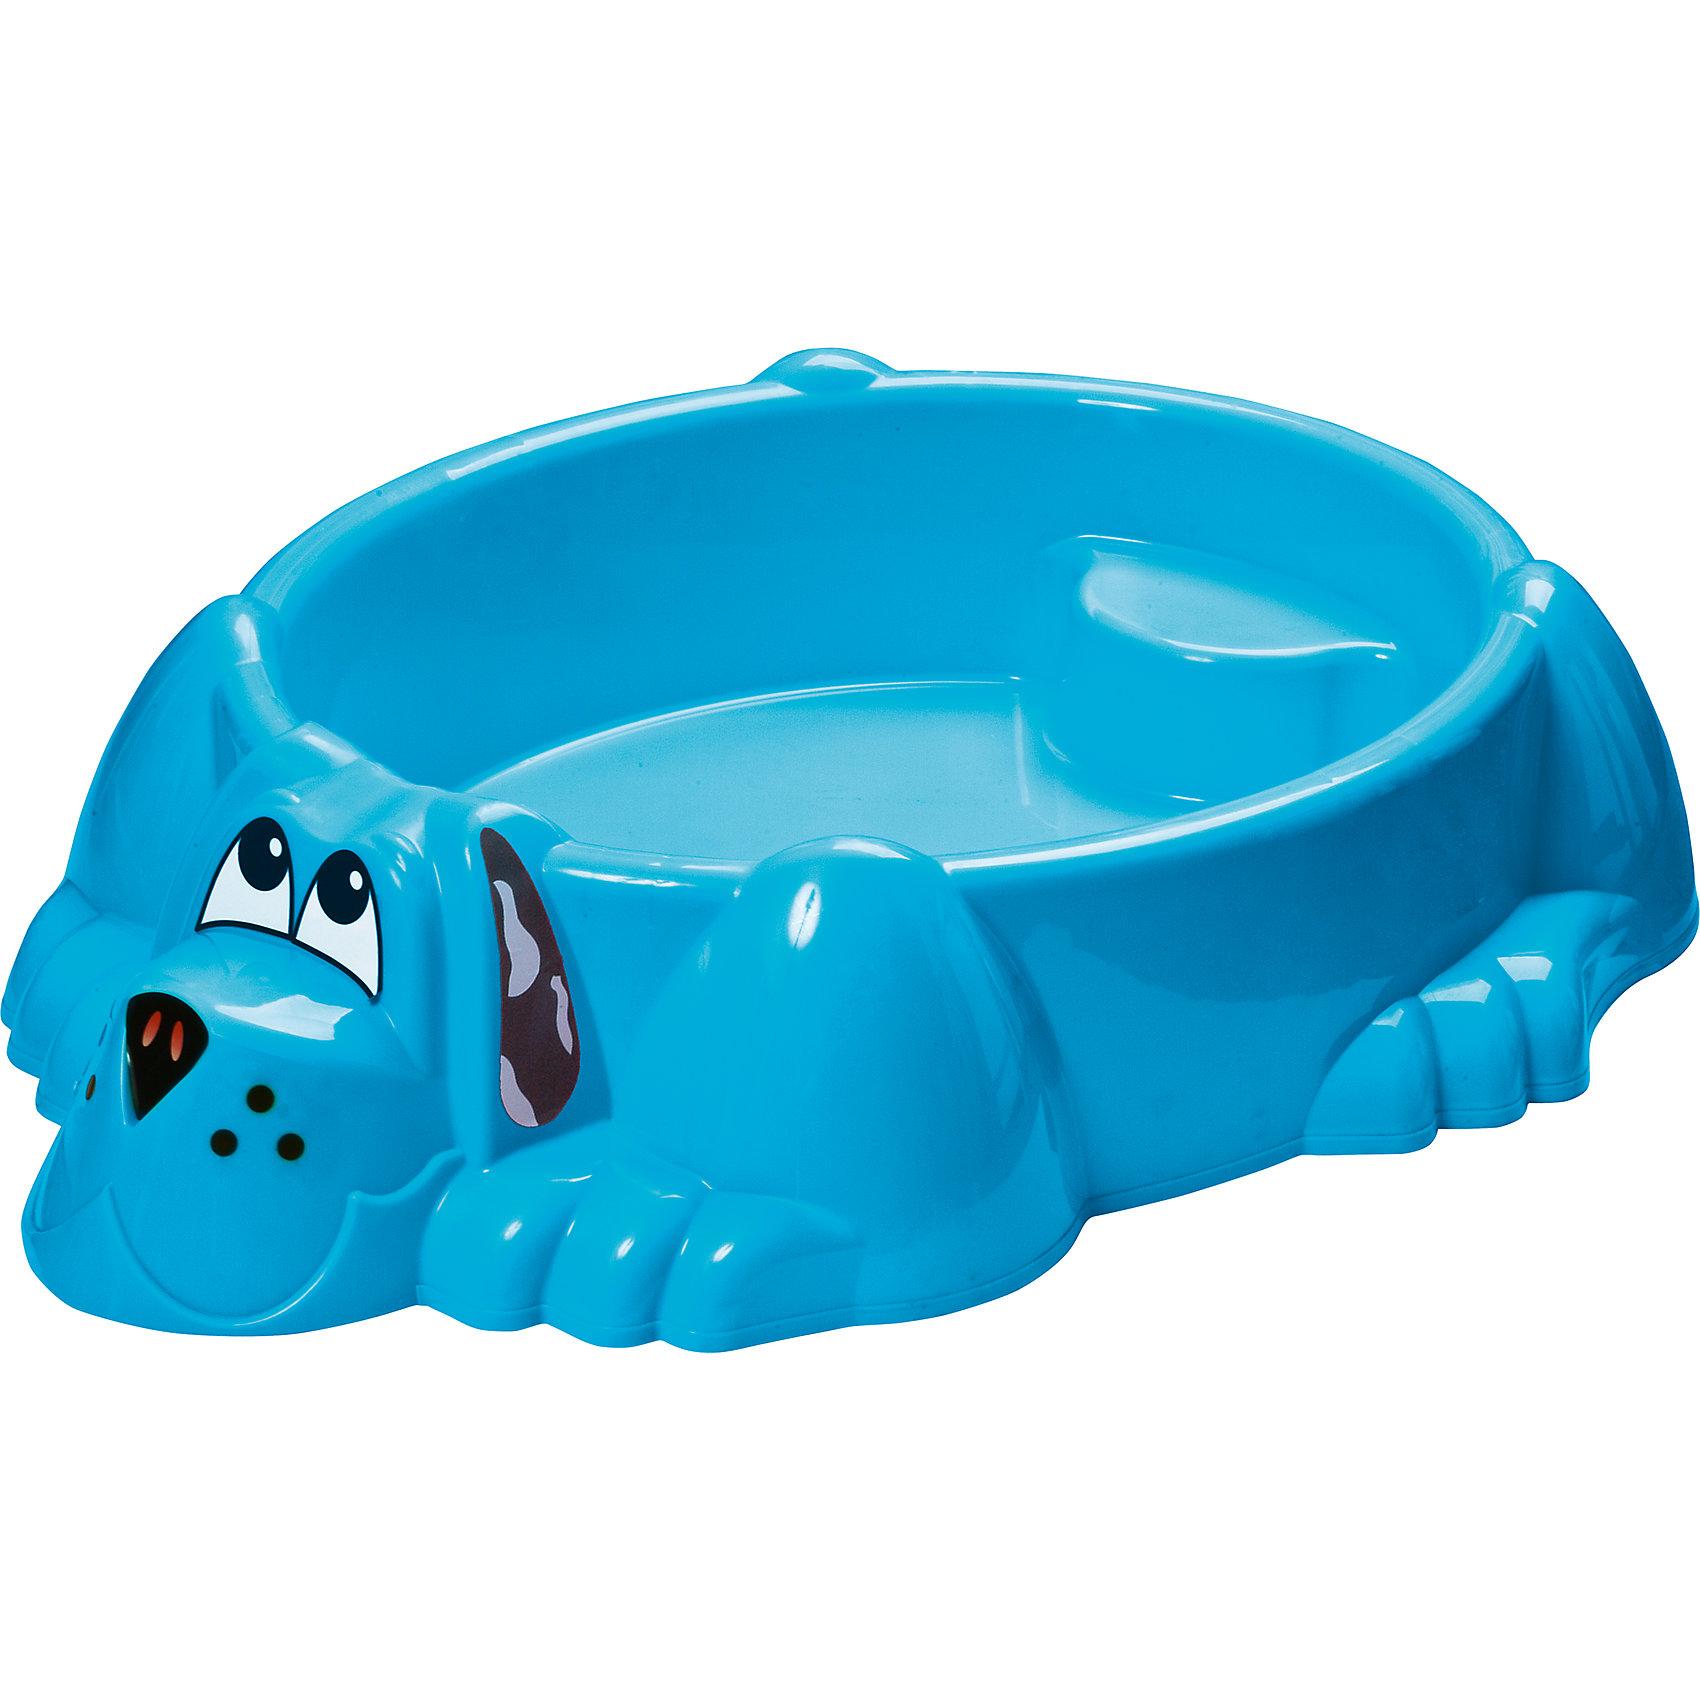 Бассейн-песочница Собачка, синий, Marian PlastПесочница-бассейн Собачка Marianplast (Марианпласт) обязательно понравится Вашему малышу и станет его любимым местом для игр. Малыши очень любят игры в песке, куличики, а также игры с водой. Песочница Собачка совмещает в себе эти две игровые возможности, ее можно использовать и как песочницу и как минибассейн. Благодаря своим компактным<br>размерам песочницу подойдет как для игры на улице, на даче, так и в закрытом помещении.<br><br>Песочница-бассейн выполнена в виде забавного песика, внутри имеются фигурные выступы (в голове и хвосте собаки), на которые малыши смогут присесть и отдохнуть. В песочнице могут разместиться двое детей. Песочница округлой формы без острых углов, высота бортика - 25 см. В комплект также входят наклейки в виде глазок, носа и ушей собачки.<br><br>ВНИМАНИЕ! Товар поставляется в ассортименте. Цвета в ассортименте: голубой, зеленый, желтый. Выбрать цвет заранее нельзя!<br><br>Дополнительная информация:<br><br>- В комплекте: песочница-бассейн, наклейки (уши, нос, глаза собаки). <br>- Материал: высокопрочный морозостойкий пластик.<br>- Размер: 92 х 115 х 25 см.<br>- Вес: 4 кг.<br><br>Бассейн - Собачку от Marianplast (Марианпласт) можно купить в нашем интернет-магазине.<br><br>Ширина мм: 1150<br>Глубина мм: 920<br>Высота мм: 265<br>Вес г: 4040<br>Возраст от месяцев: 24<br>Возраст до месяцев: 96<br>Пол: Унисекс<br>Возраст: Детский<br>SKU: 4055320